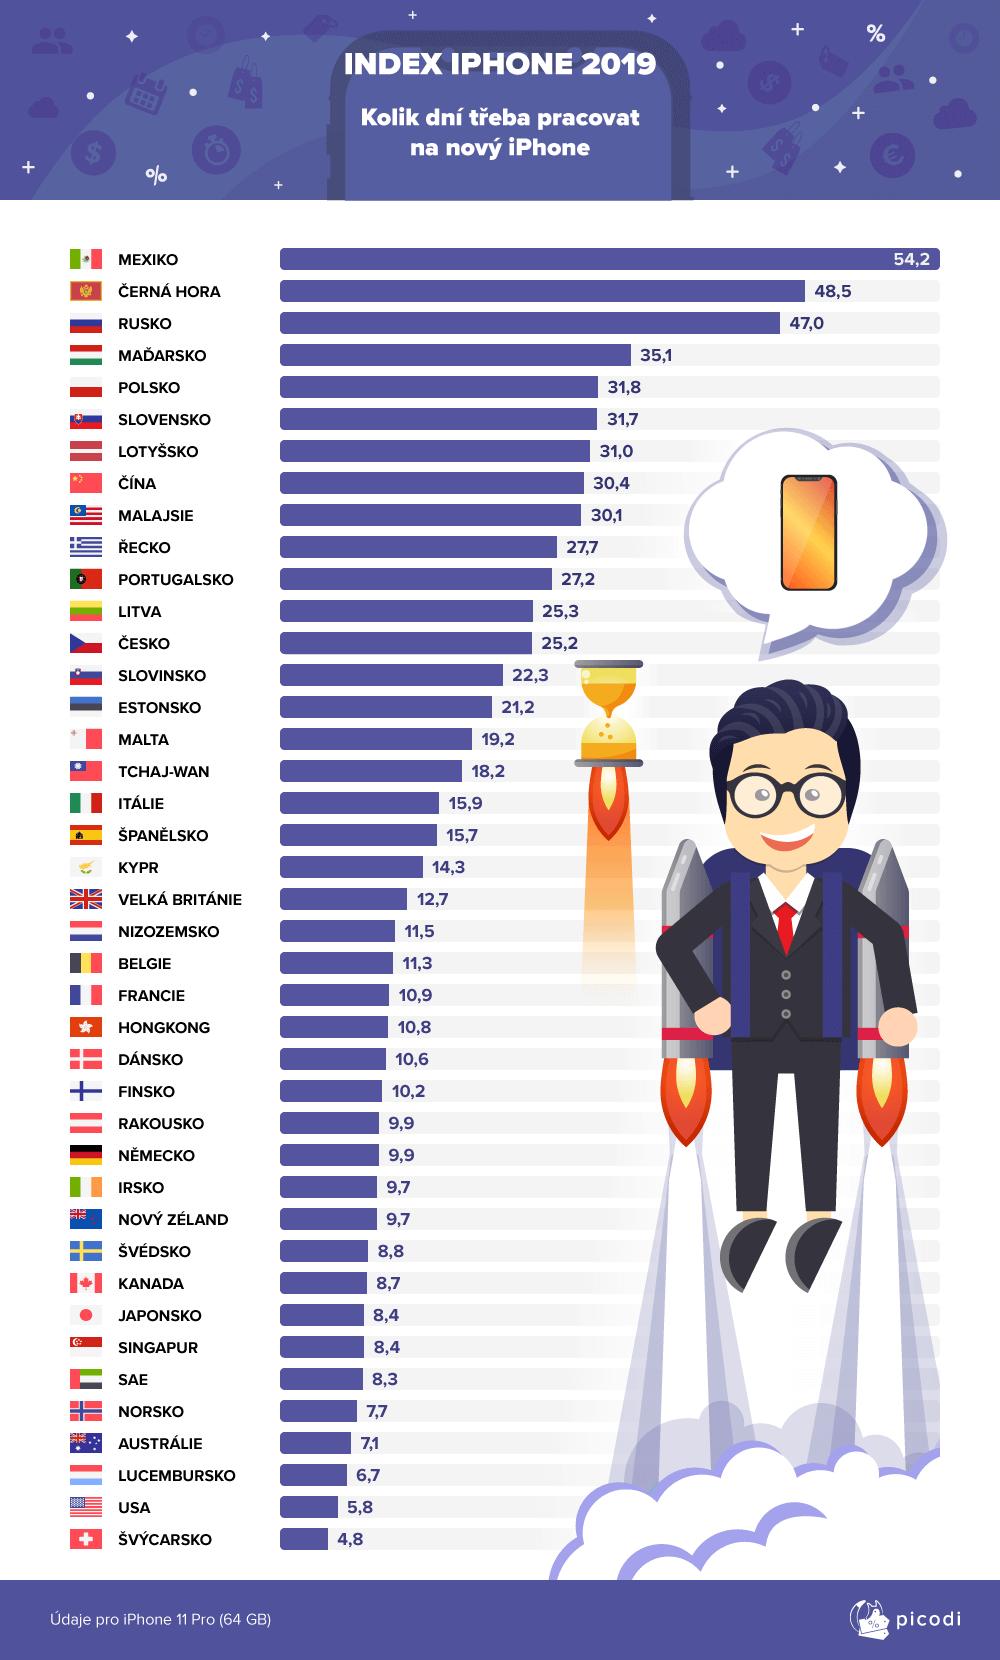 Ceny iPhonu v Cesku a ve svete